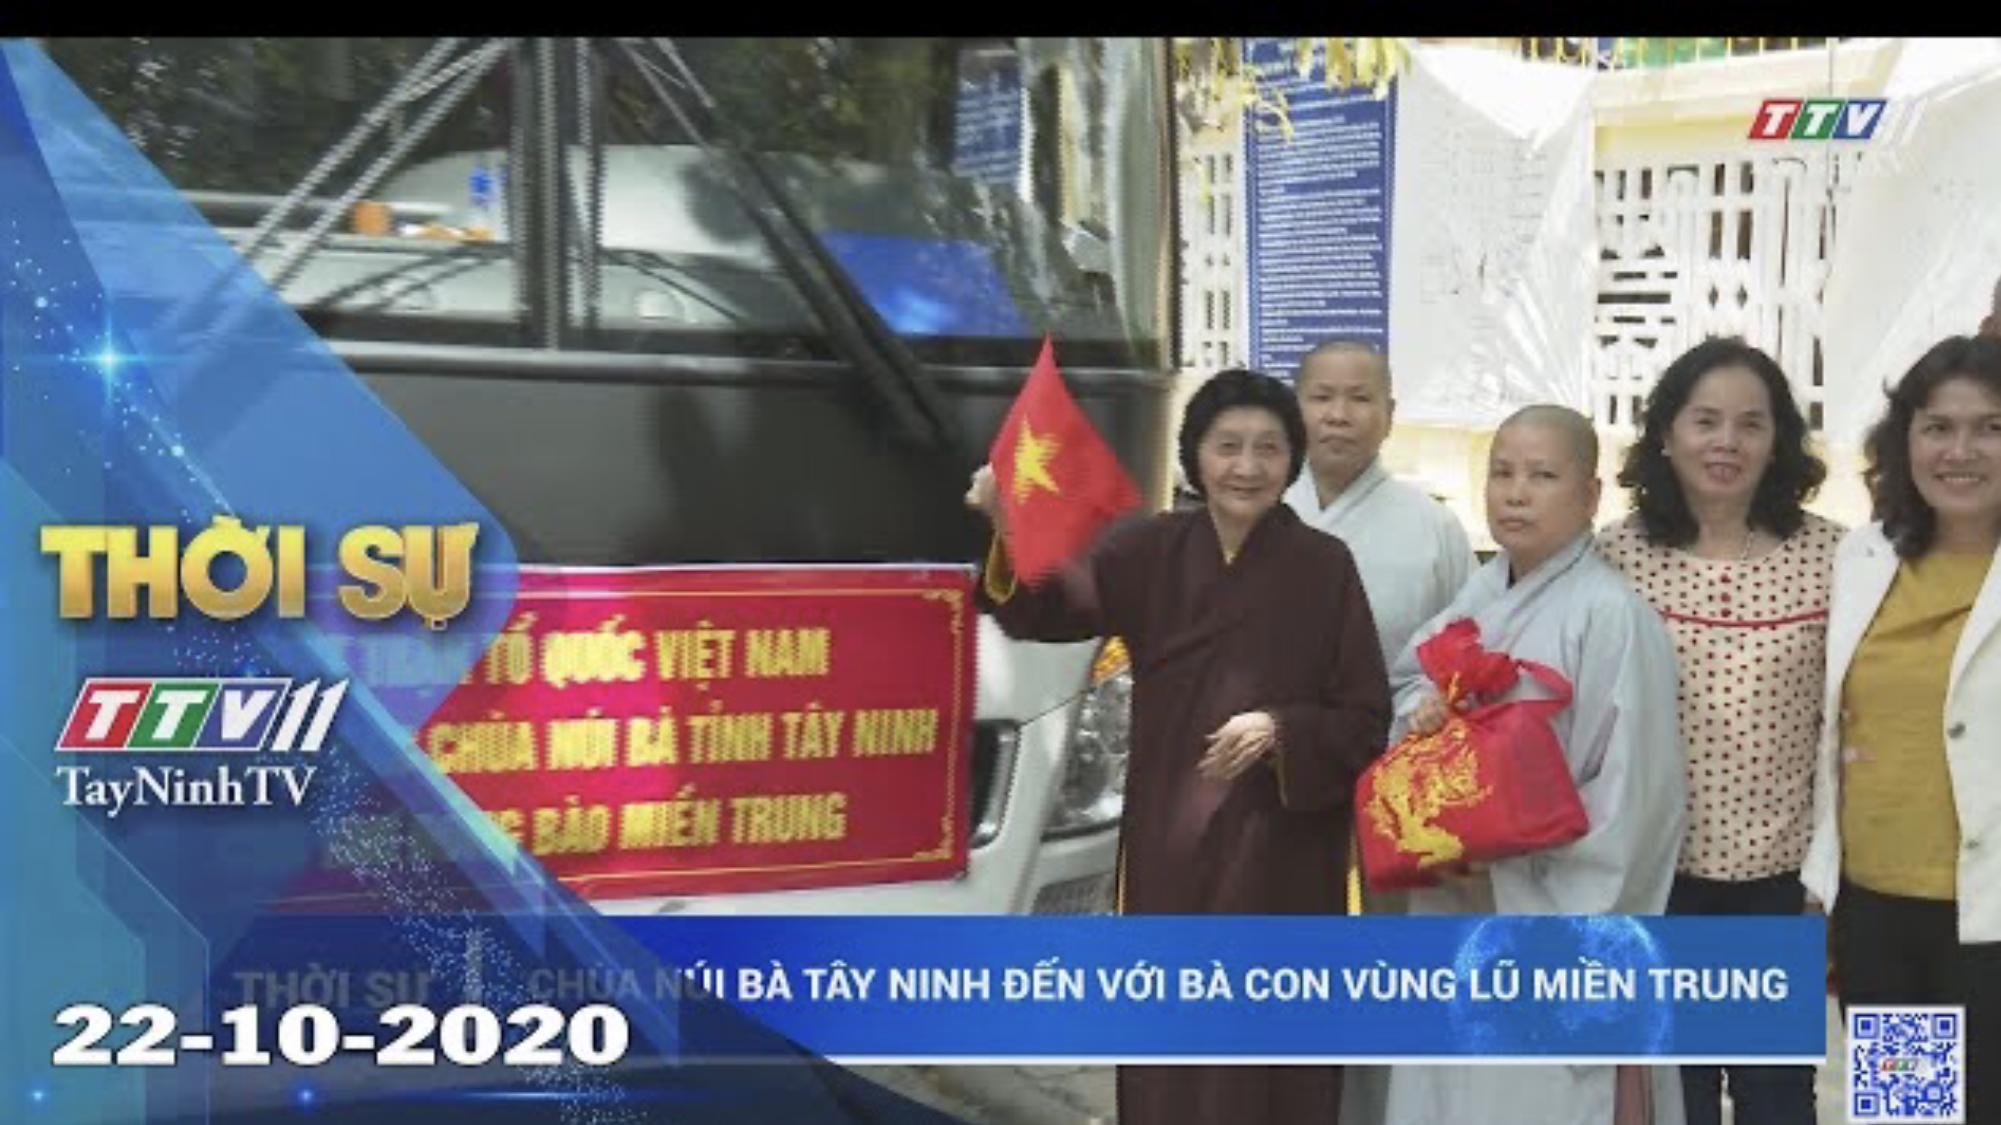 Thời sự Tây Ninh 22-10-2020 | Tin tức hôm nay | TayNinhTV